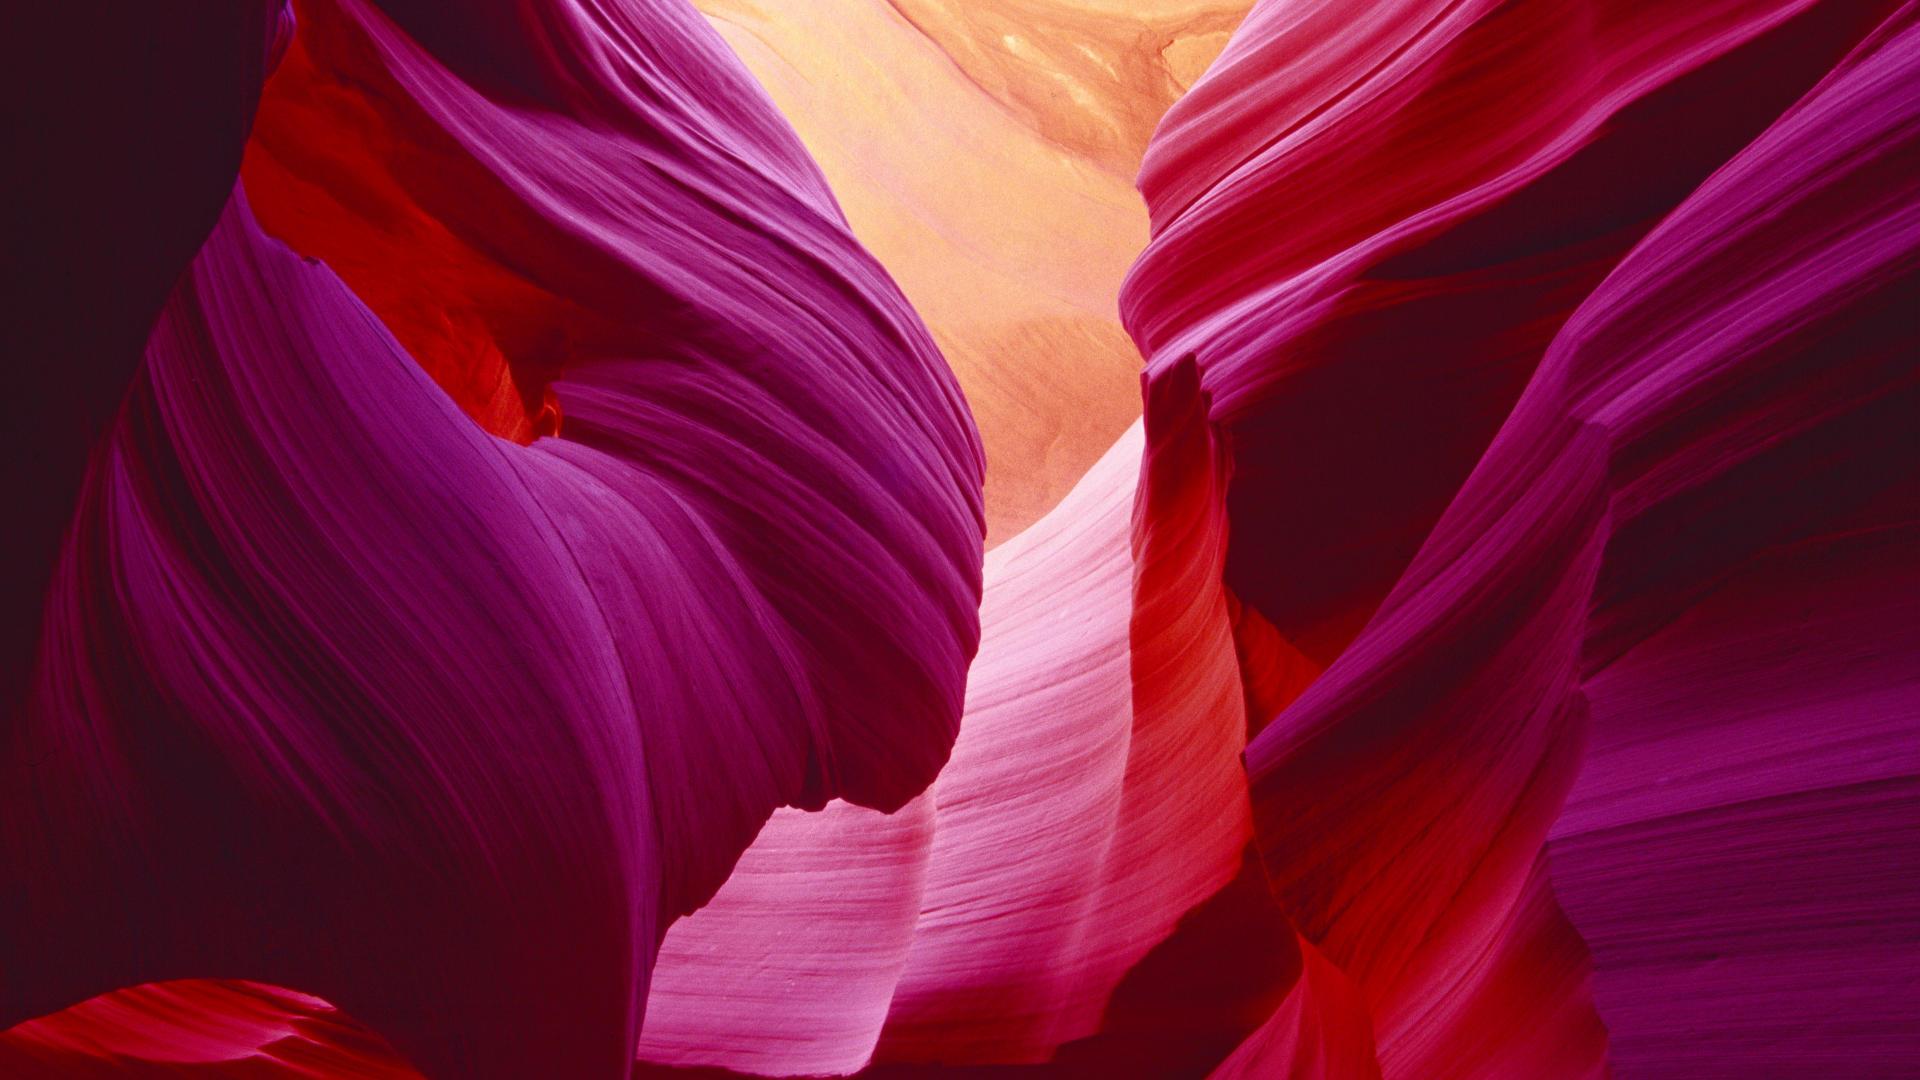 antelope canyon_jade purple brown_2